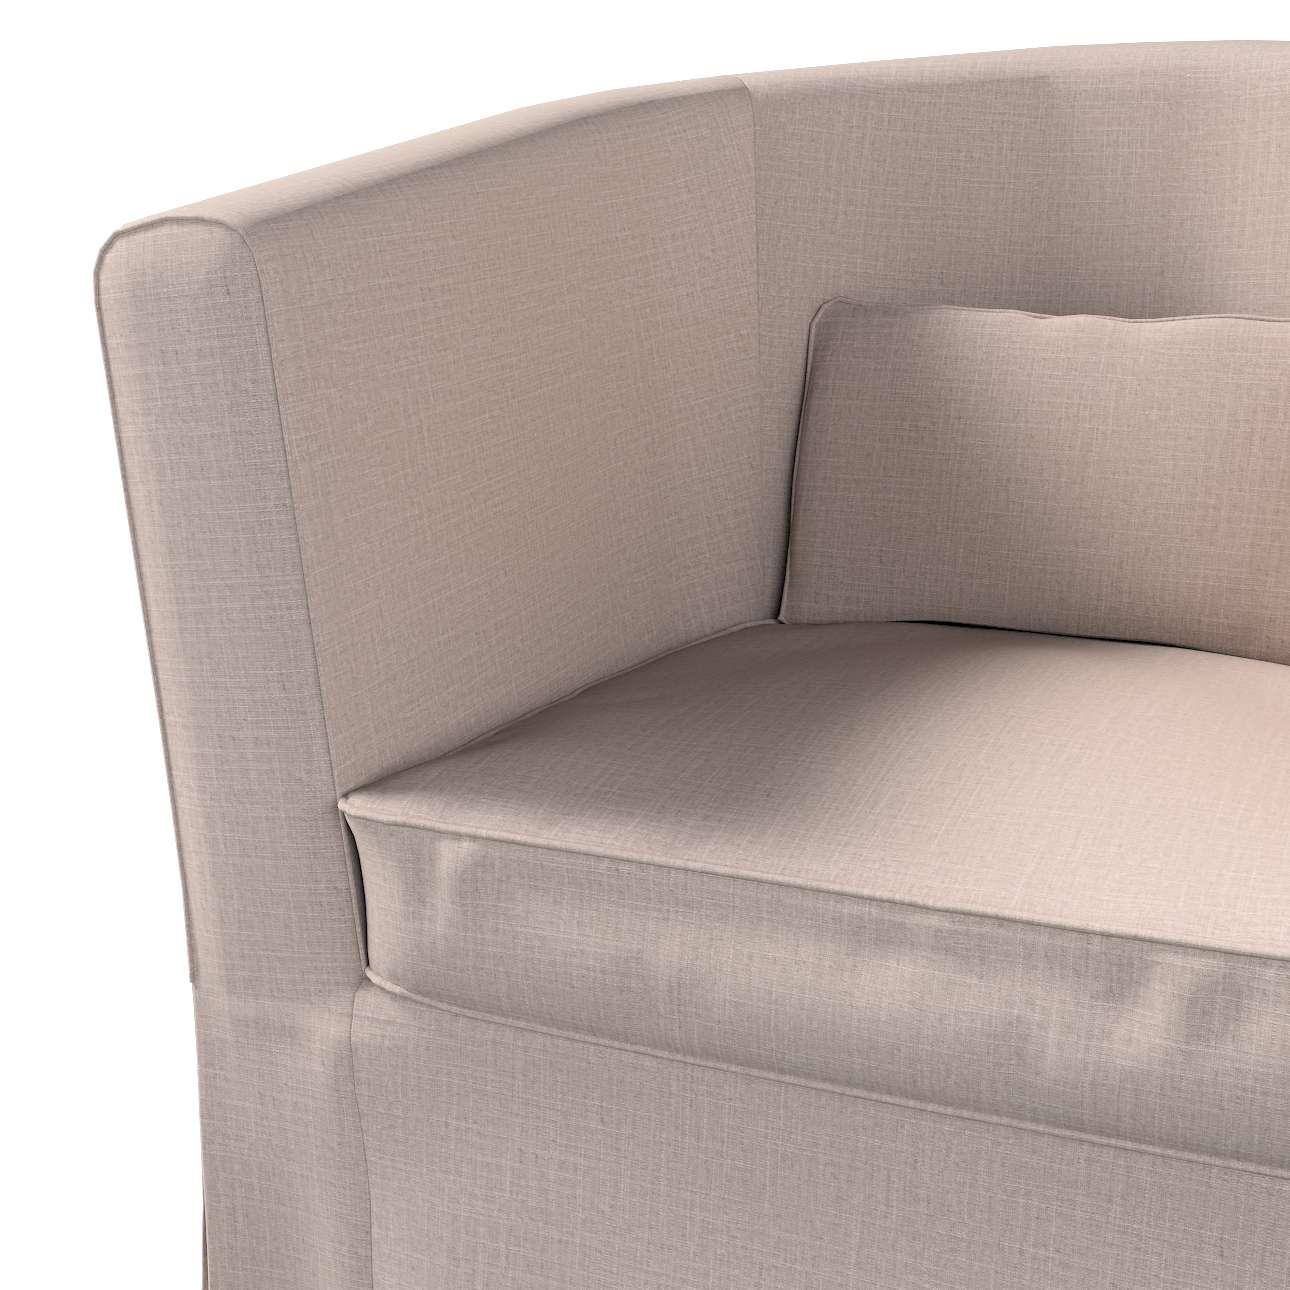 Bezug für Ektorp Tullsta Sessel von der Kollektion Living II, Stoff: 160-85